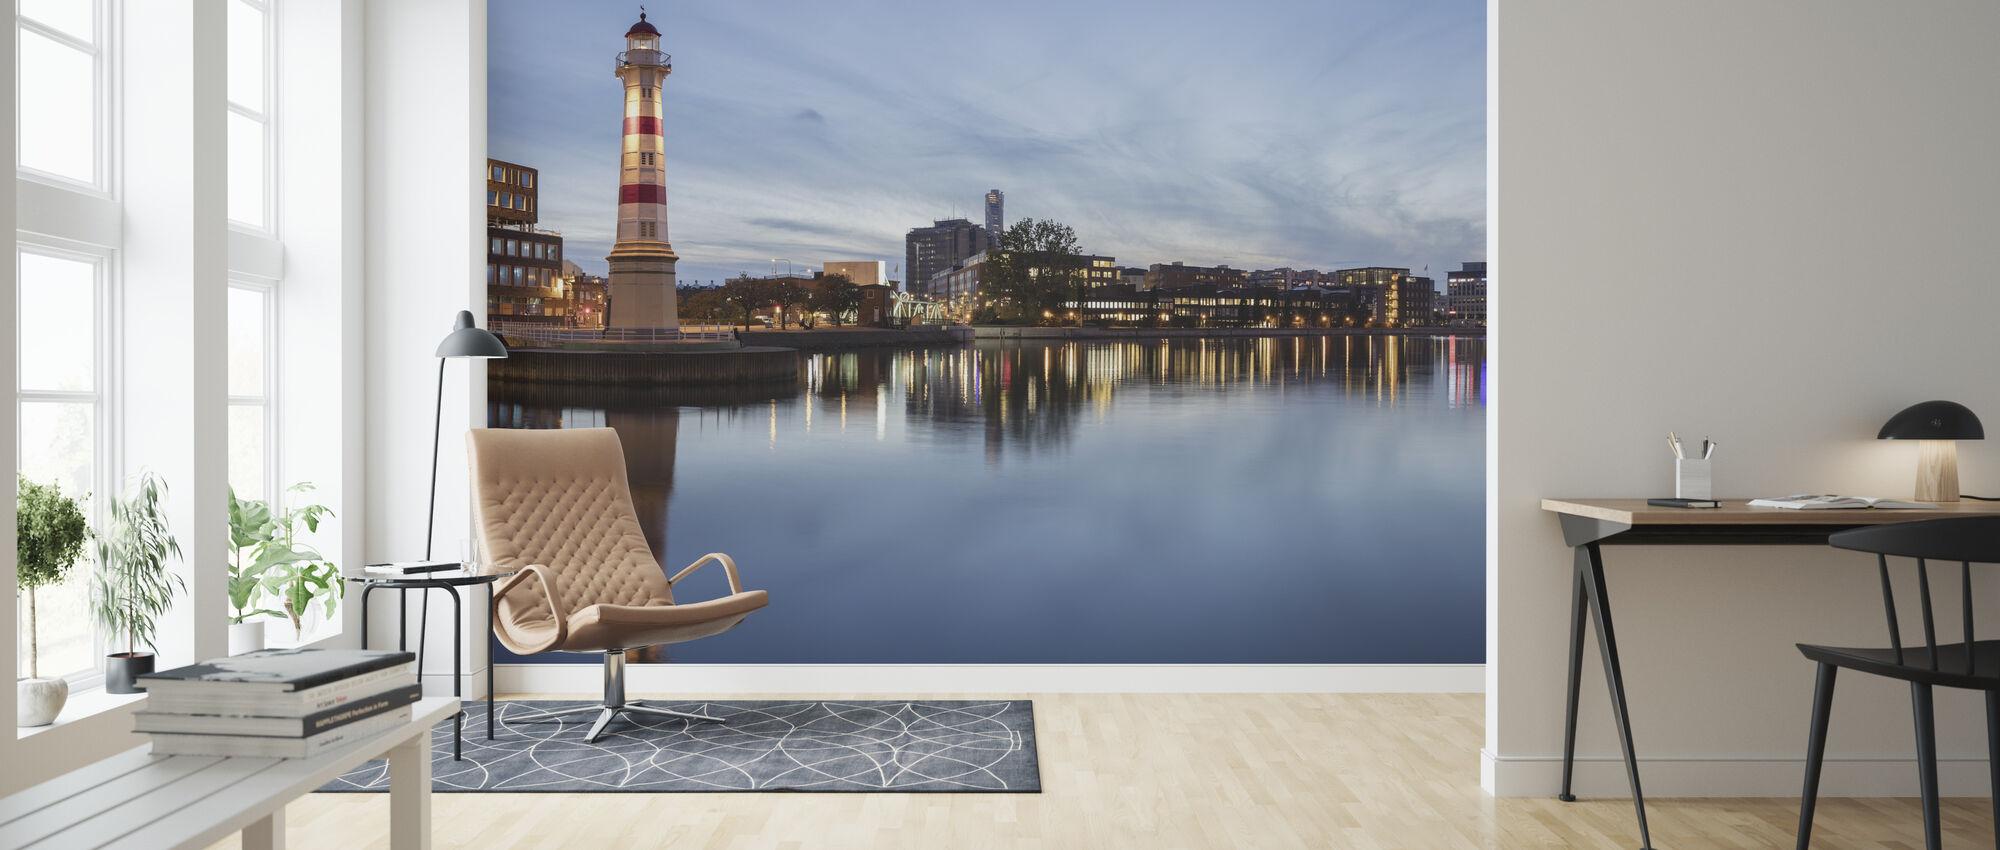 Lighthouse - Wallpaper - Living Room